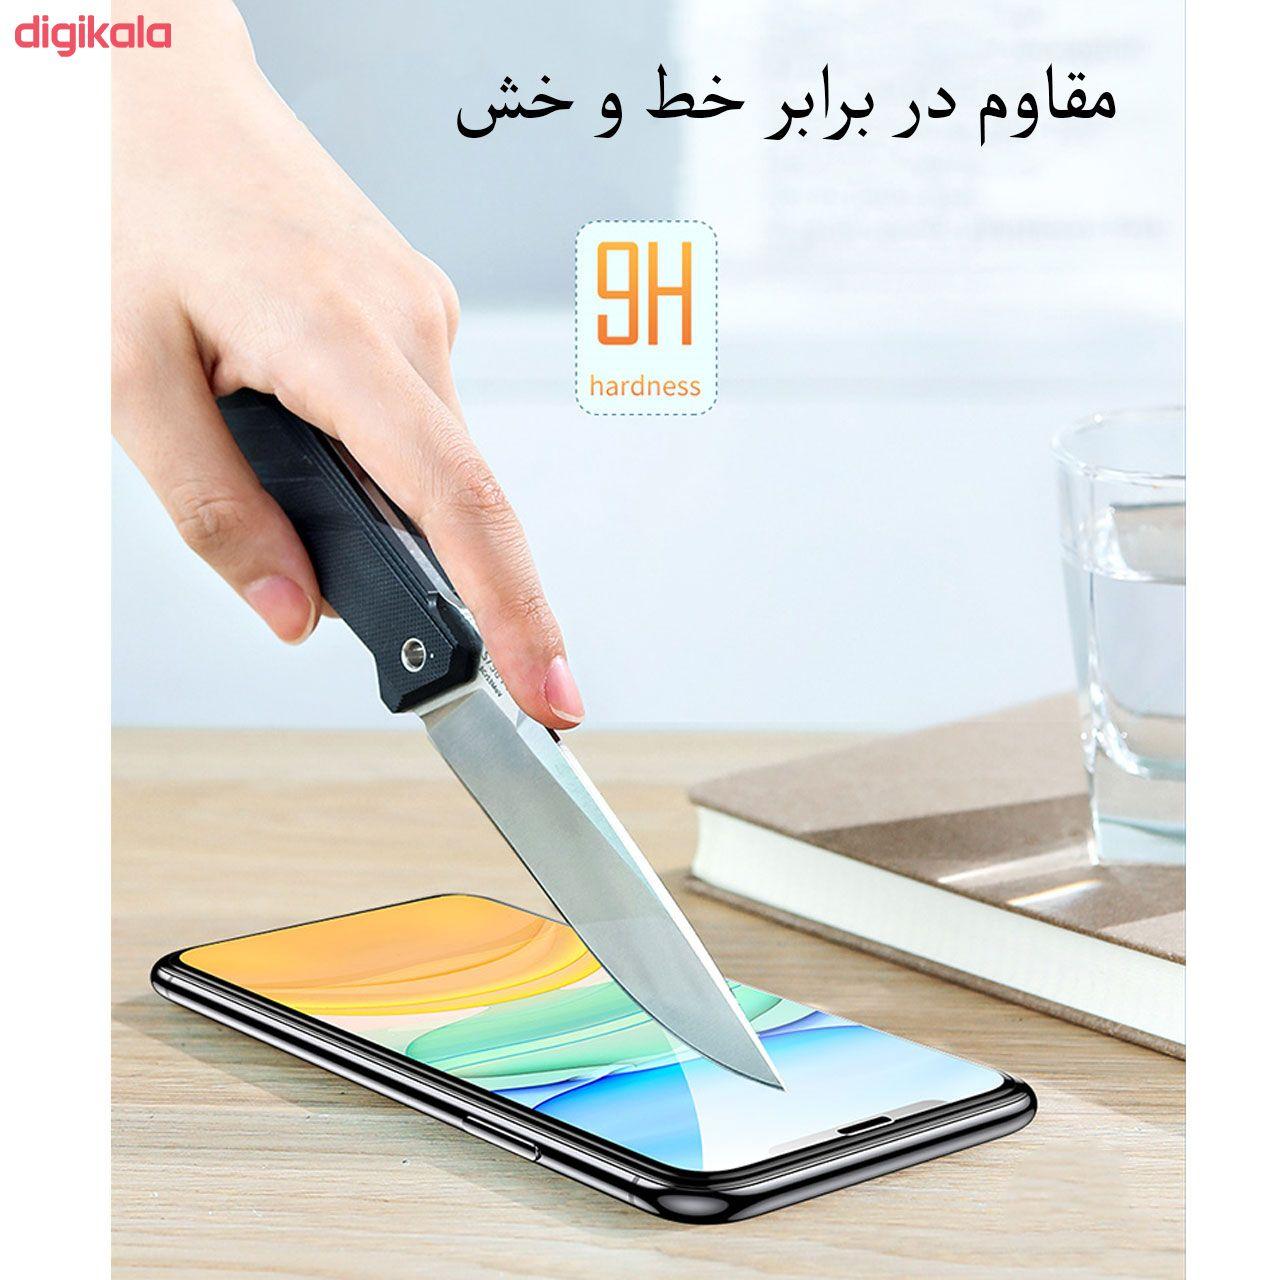 محافظ صفحه نمایش مدل FCG مناسب برای گوشی موبایل اپل iPhone 12 Pro Max بسته دو عددی main 1 7